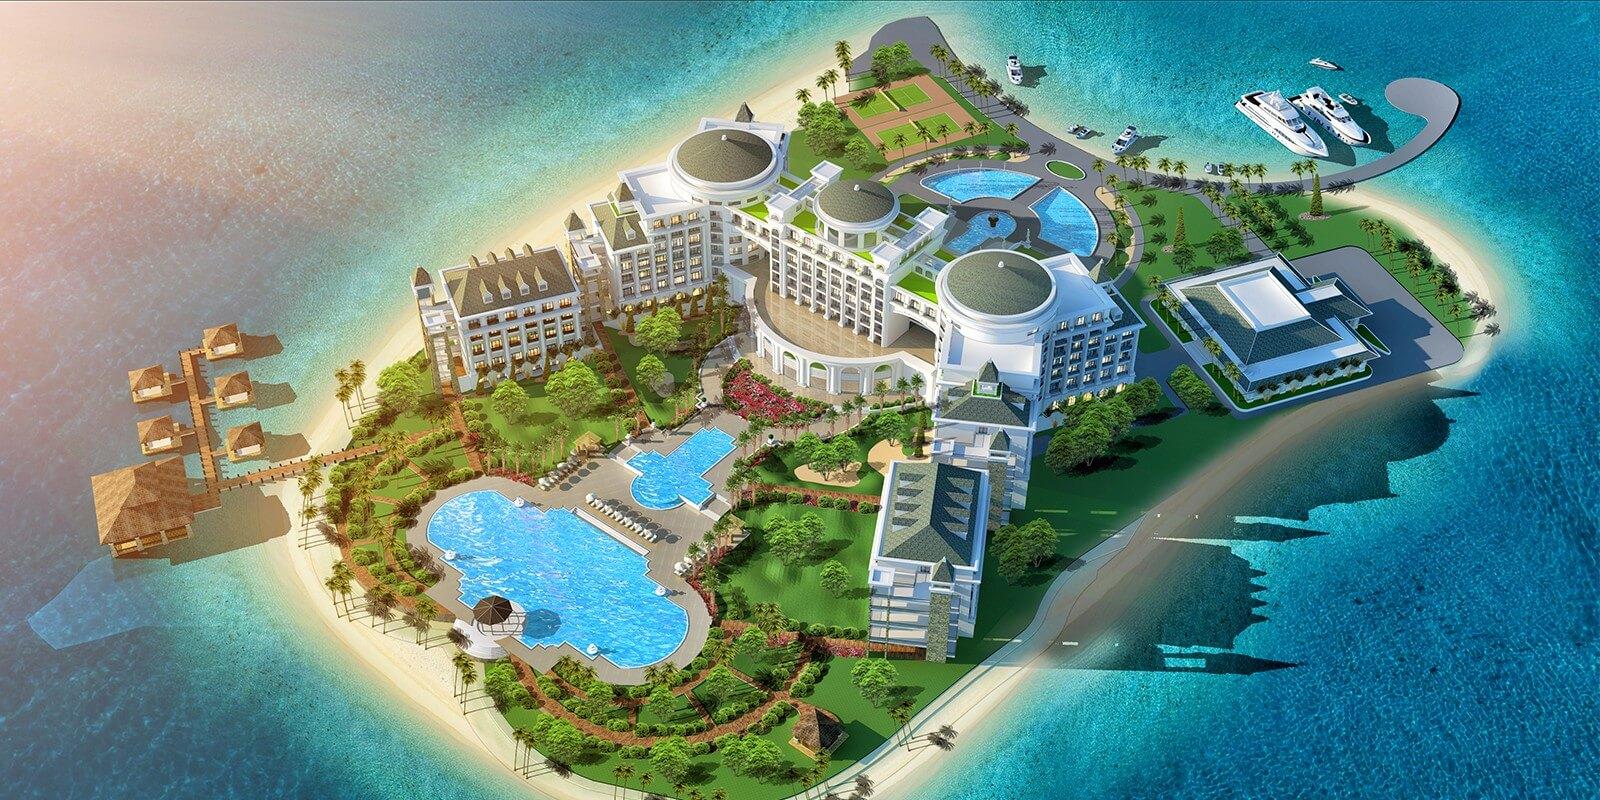 Tổ Chức Hội Nghị Sự Kiện Tại Vinpearl Hạ Long Bay Resort